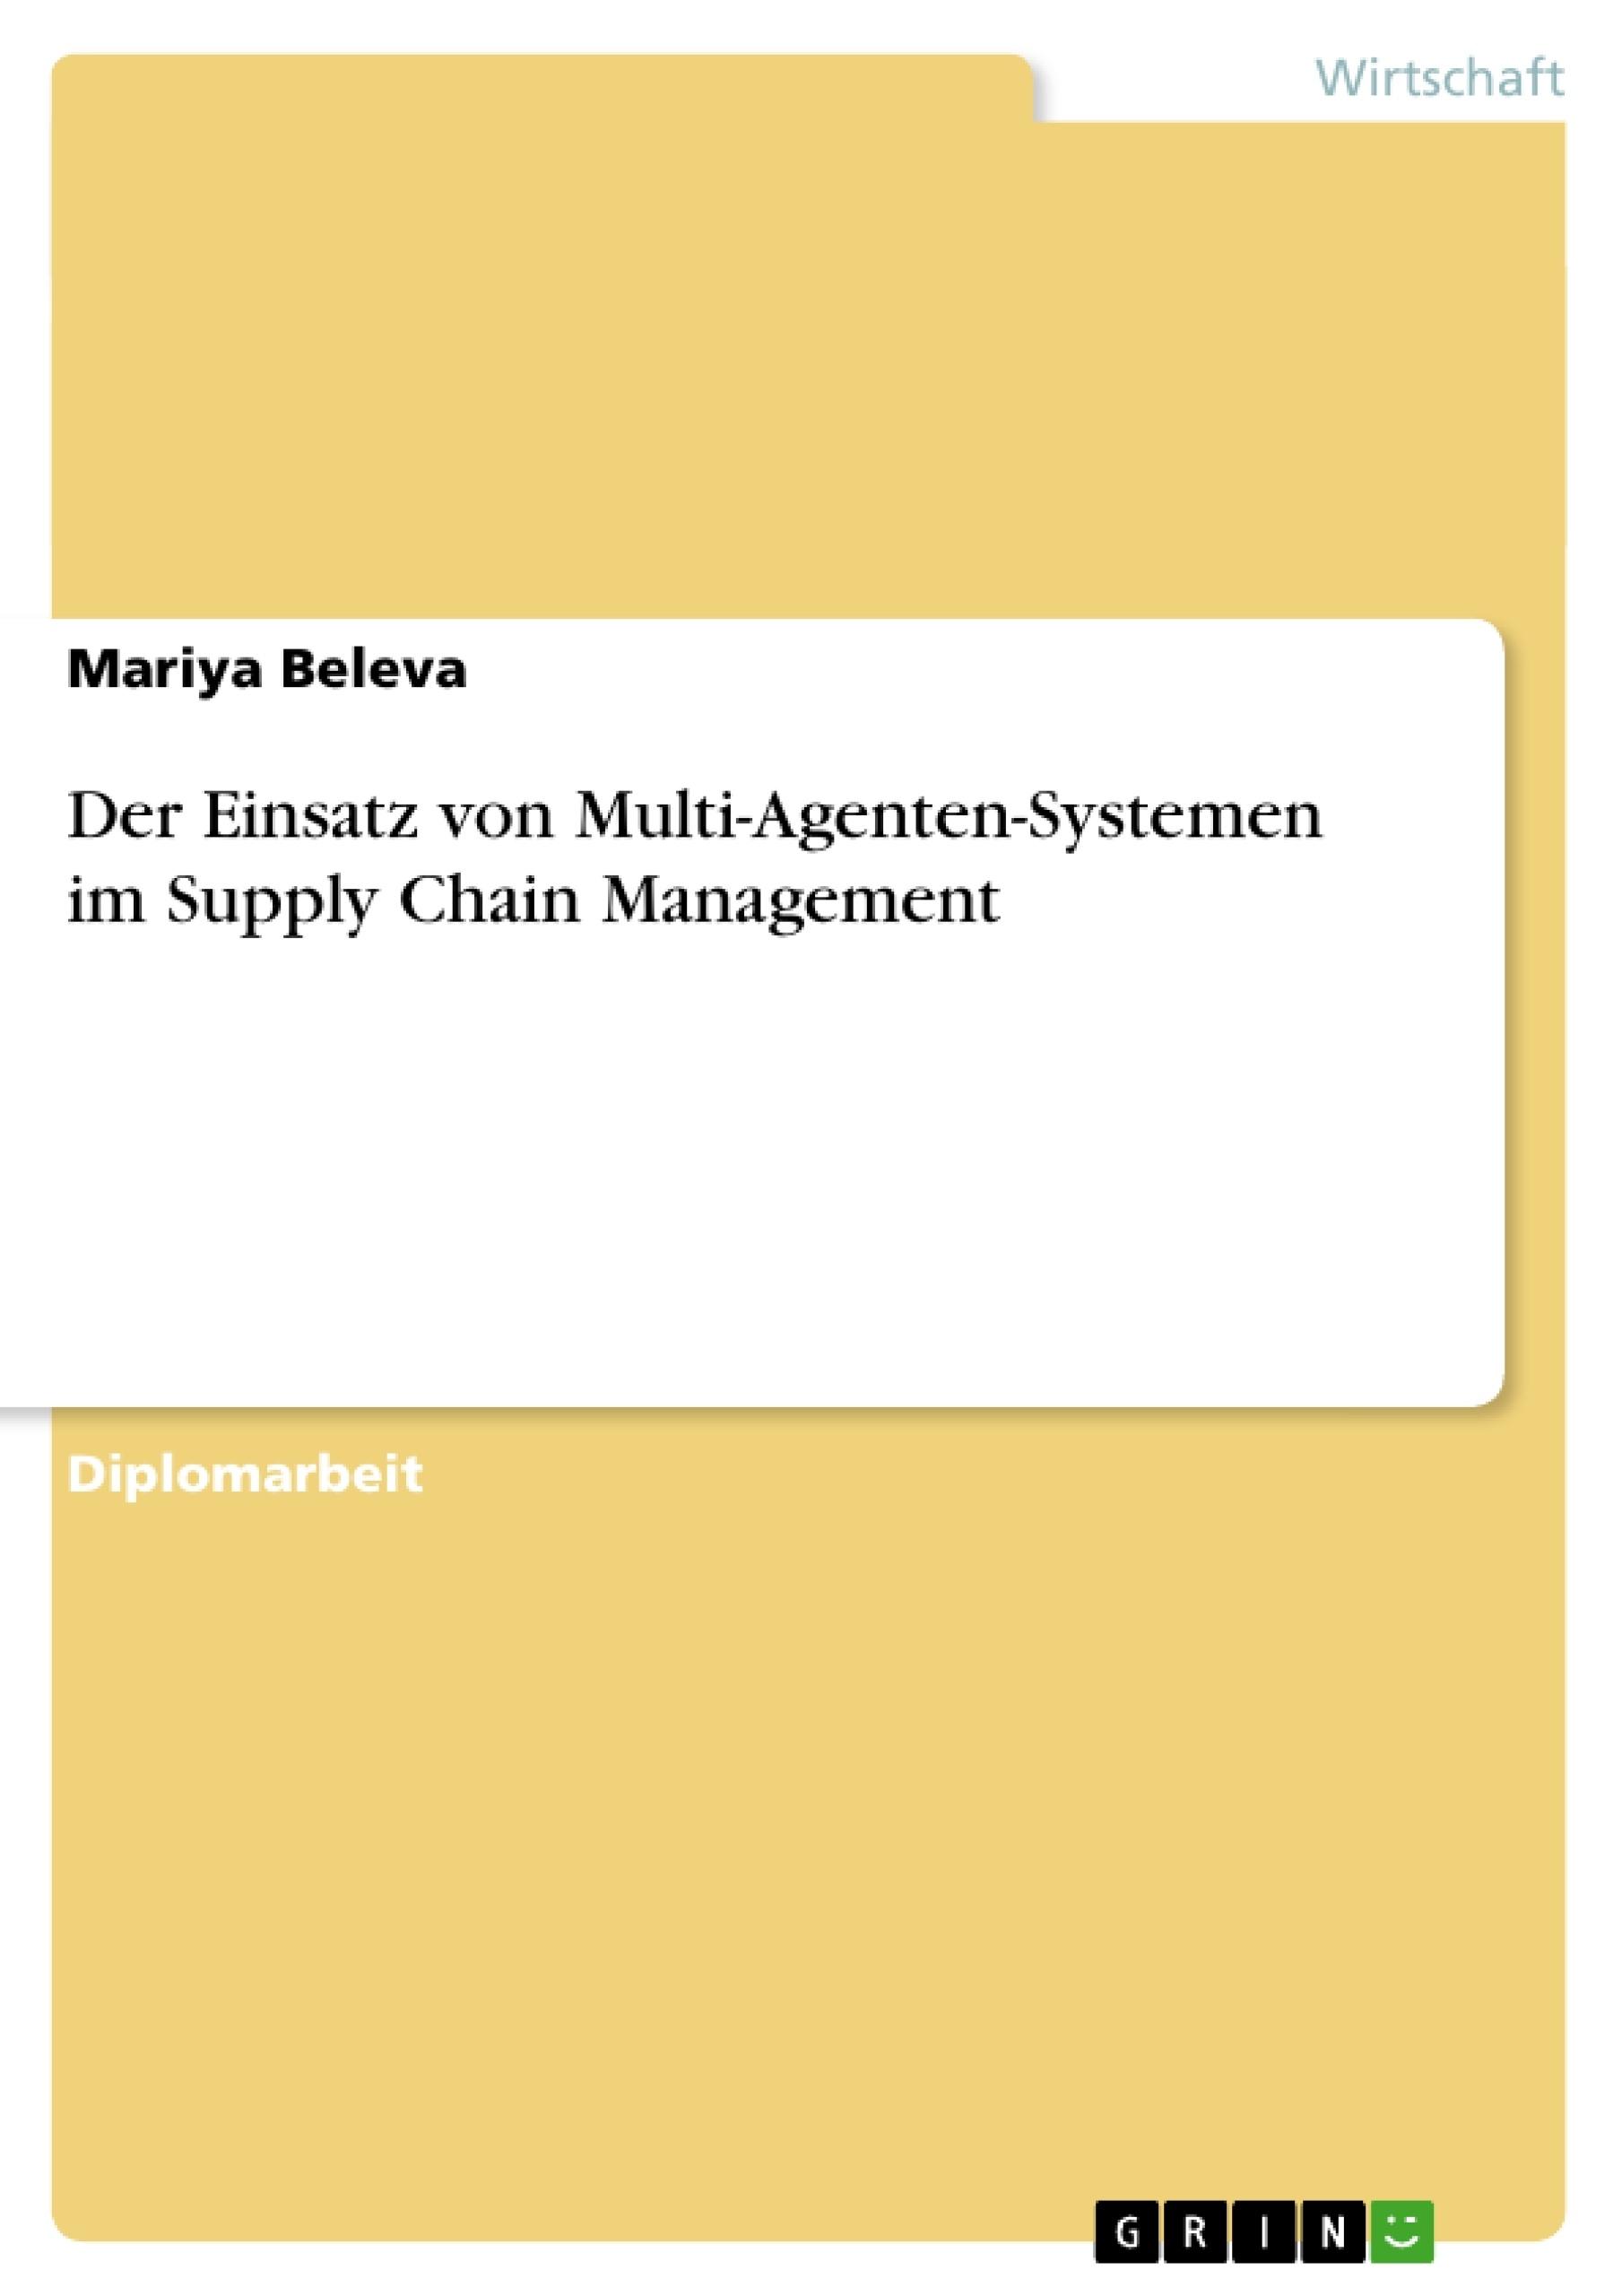 Titel: Der Einsatz von Multi-Agenten-Systemen im Supply Chain Management